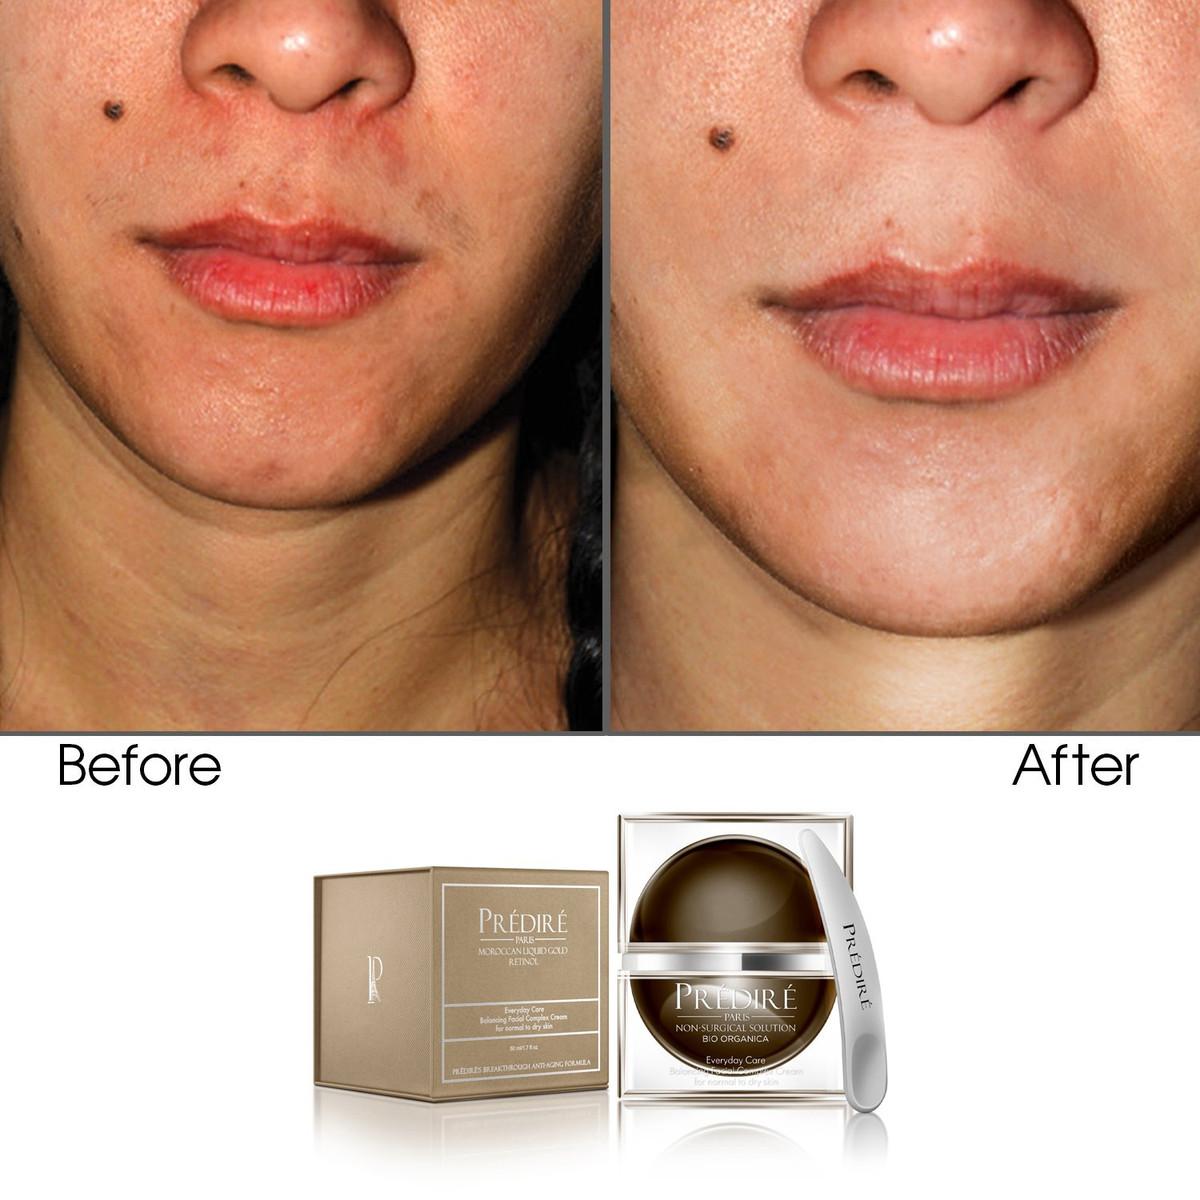 Everyday Care Balancing Facial Complex Cream